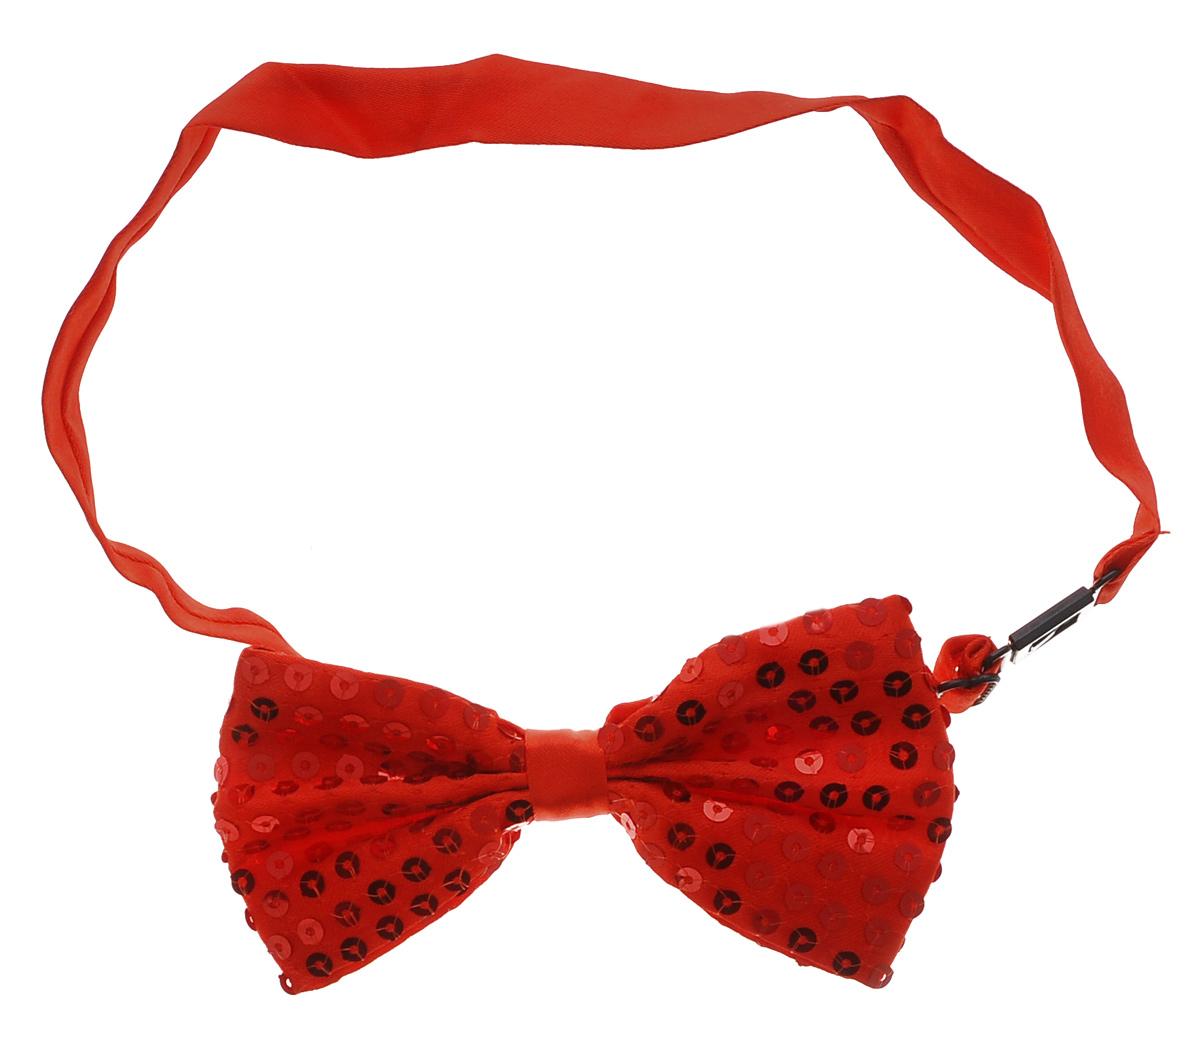 Галстук-бабочка маскарадный Феникс-Презент, цвет: красный34639Маскарадный галстук-бабочка Феникс-Презент изготовлен из полиэстера и оформлен пайетками. Галстук- бабочка дополнен лентой с пластиковой защелкой. Длина ленты регулируется. Такой галстук-бабочка дополнит ваш праздничный образ. Если у вас намечается веселая вечеринка или маскарад, то такой аксессуар легко поможет дополнить праздничный наряд. Внесите нотку задора и веселья в ваш праздник.